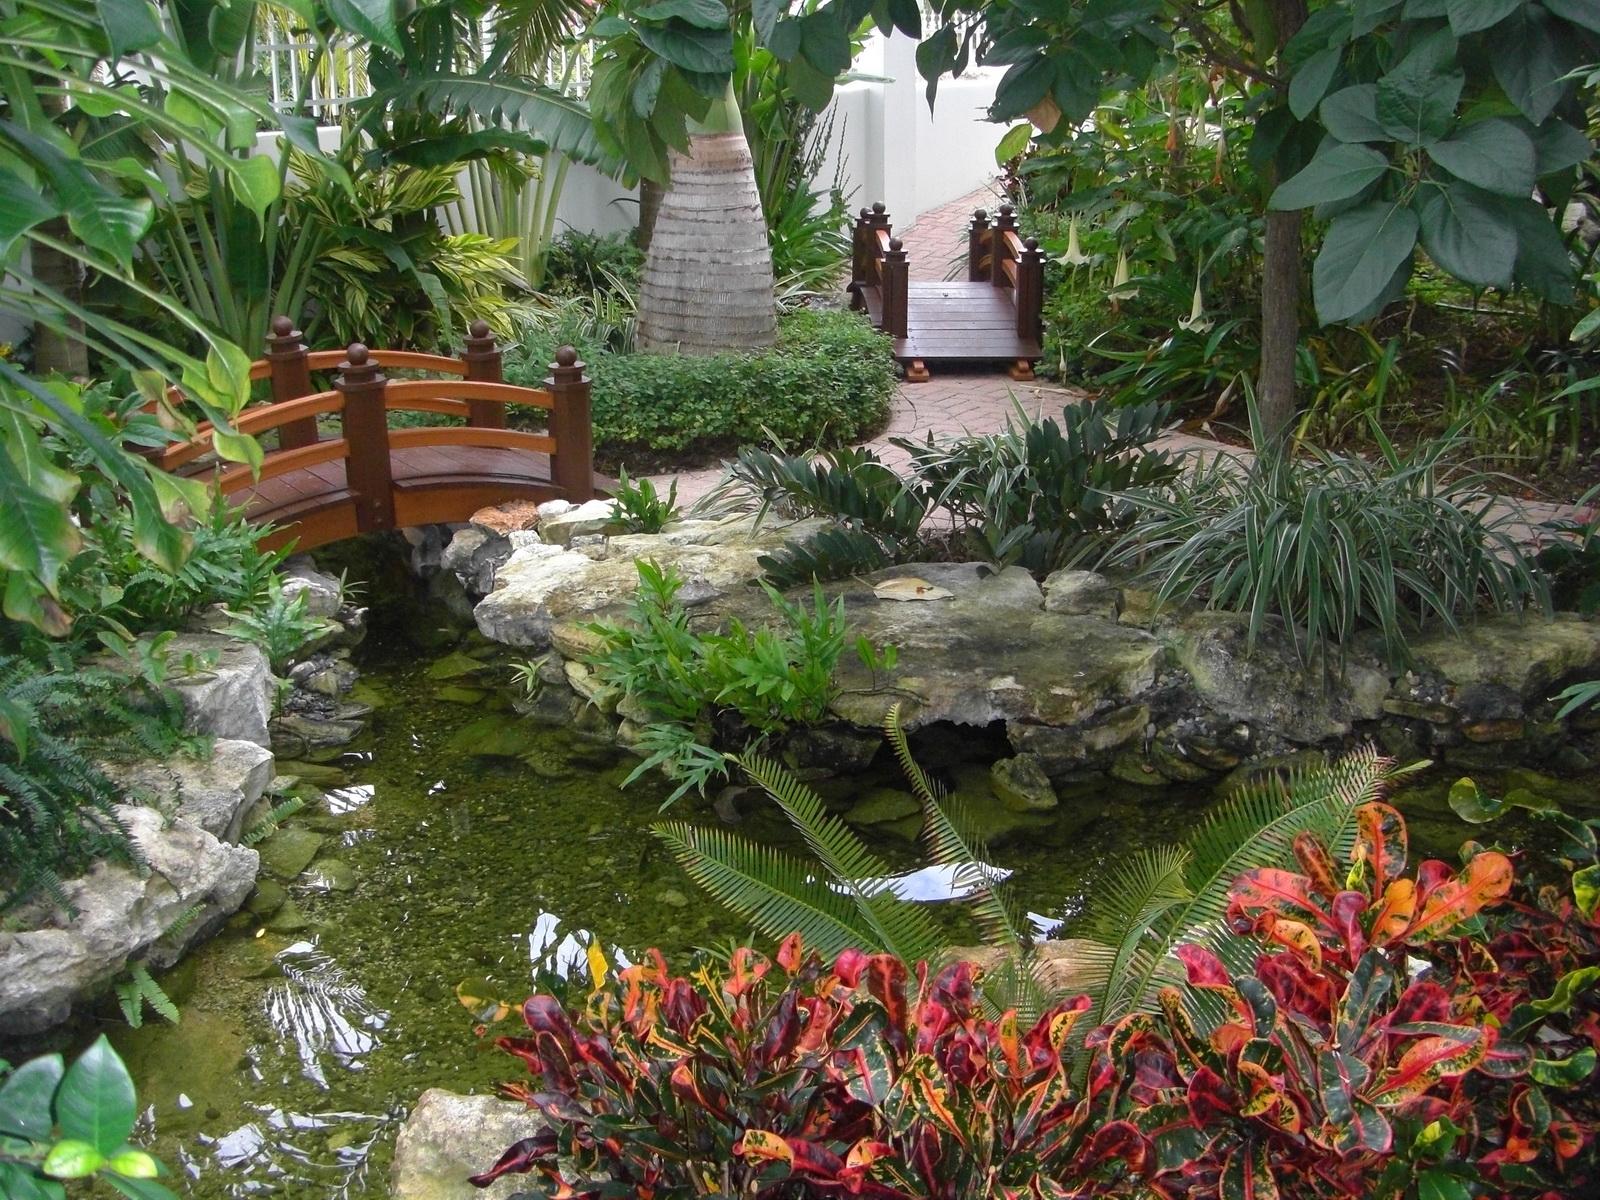 бывает, оранжереи с ручьем мостиком и фонтаном фото трубы главный